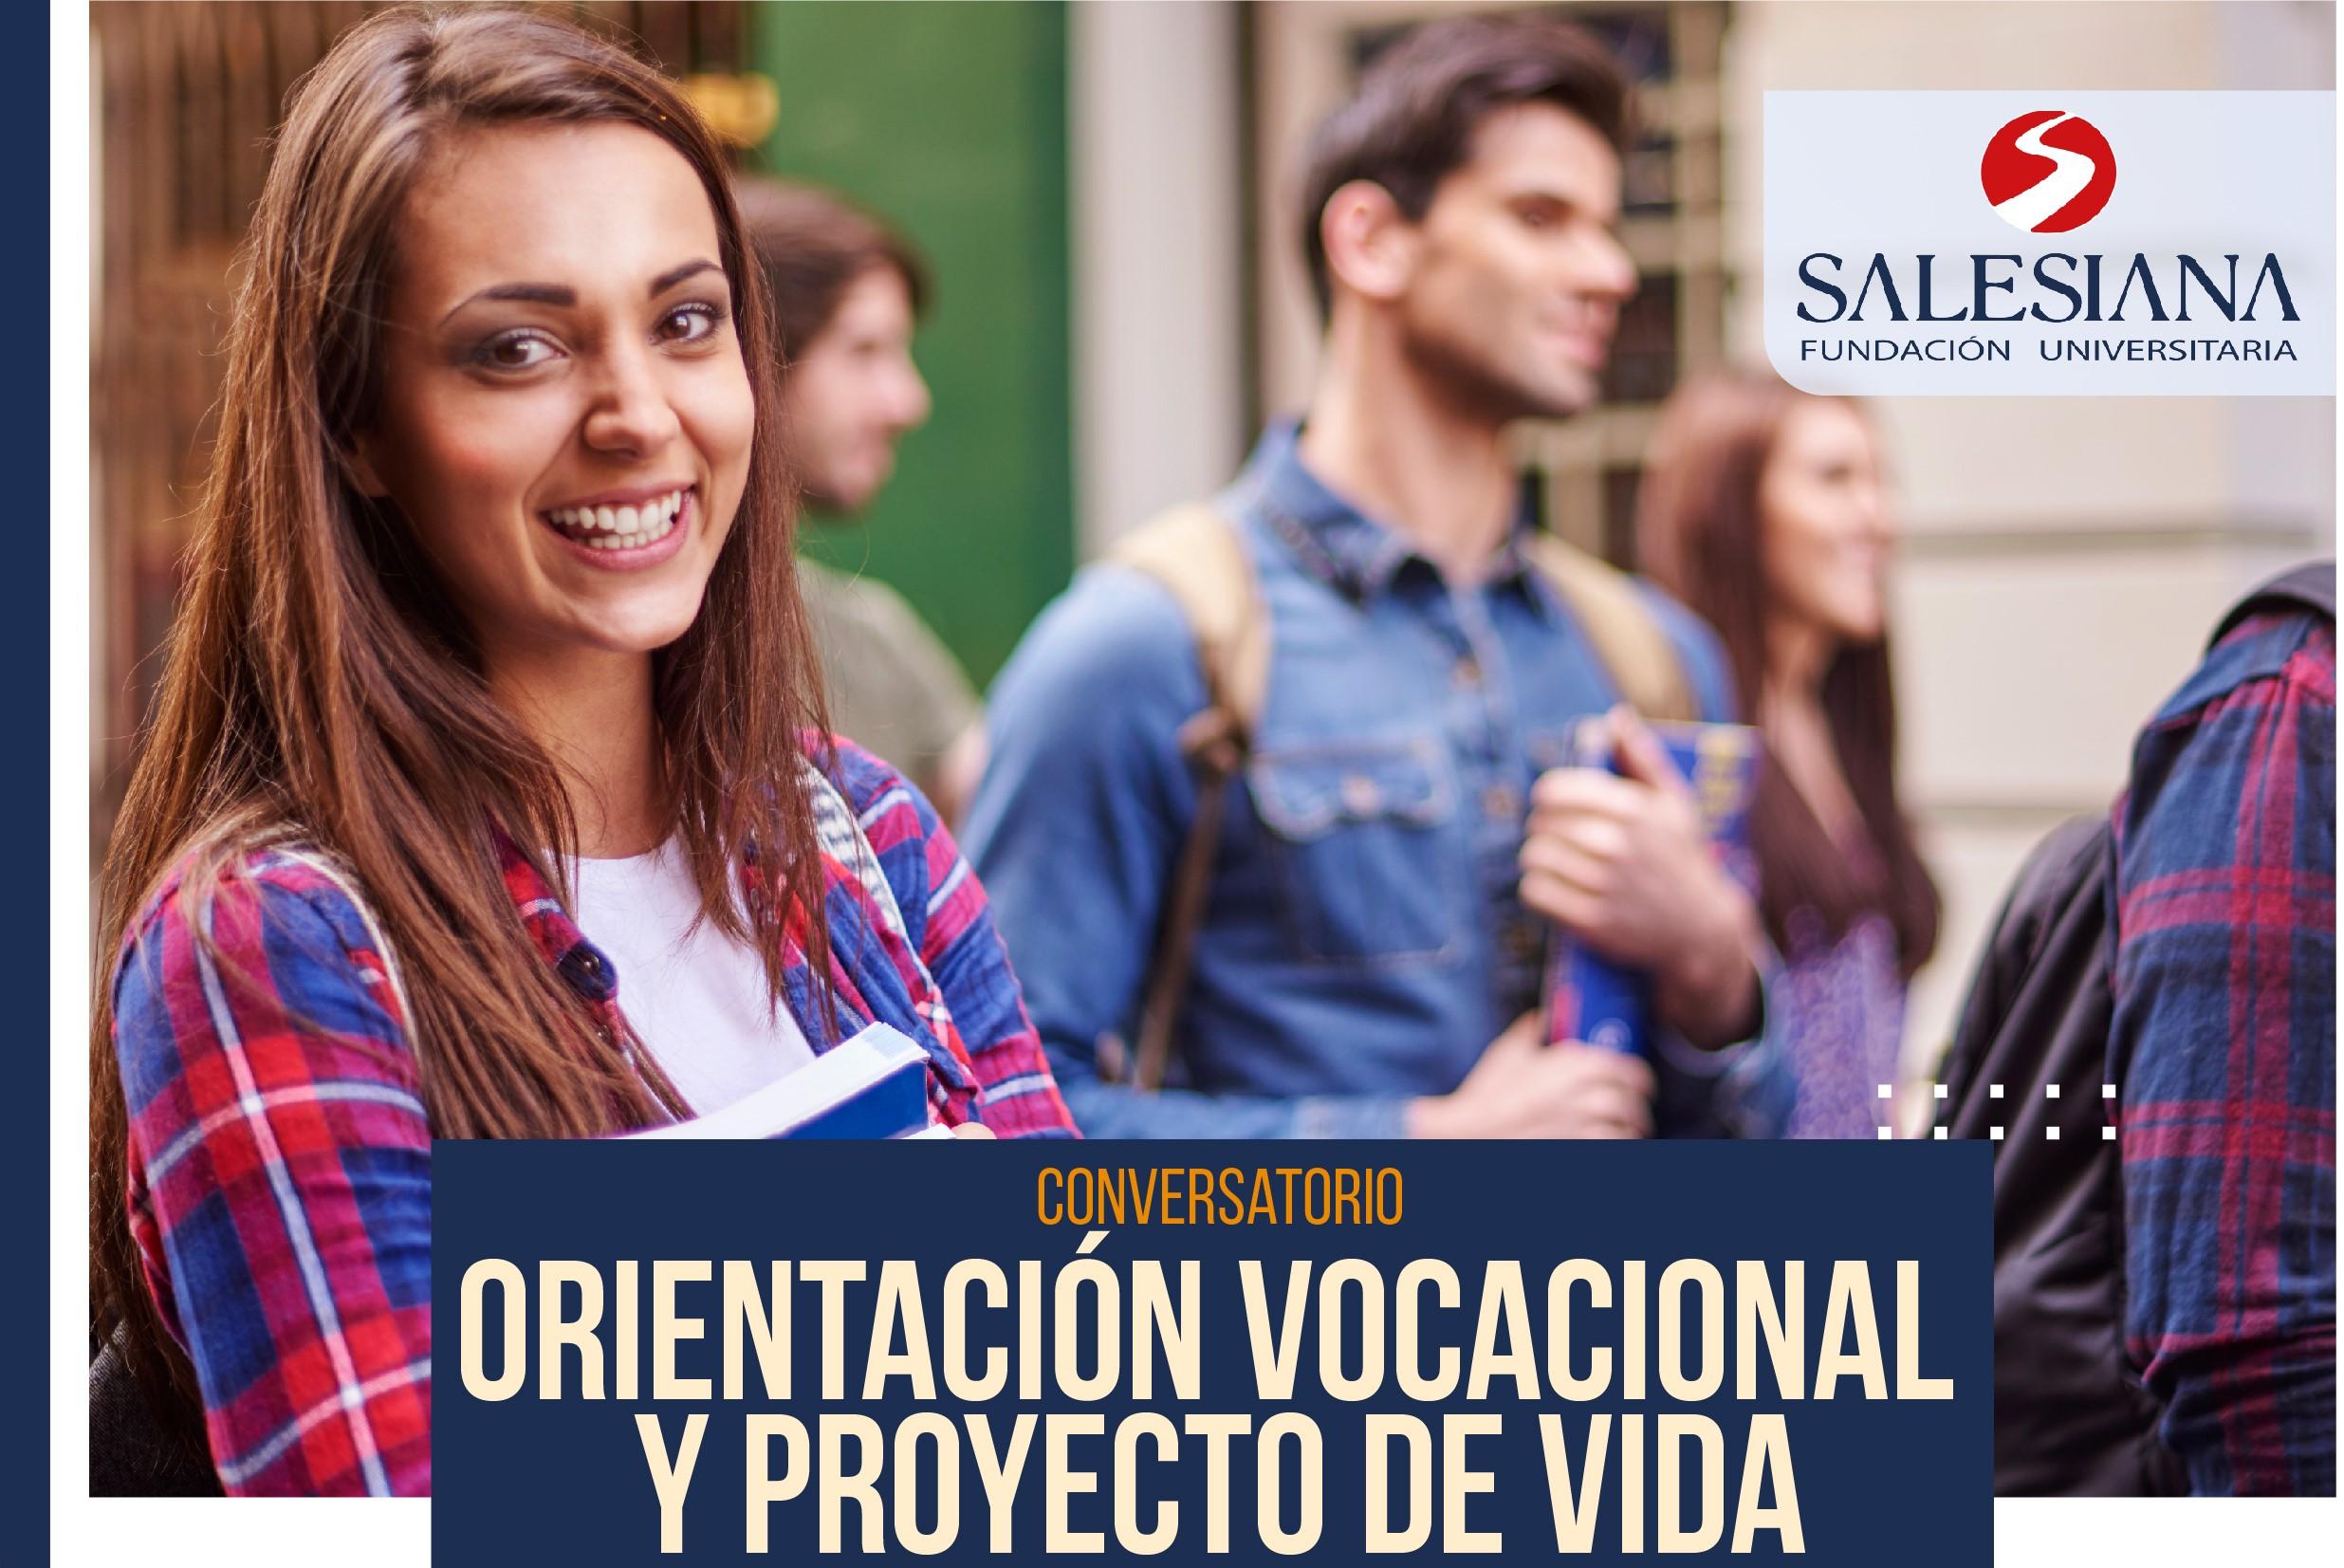 Conversatorio: Orientación vocacional y proyecto de vida 8